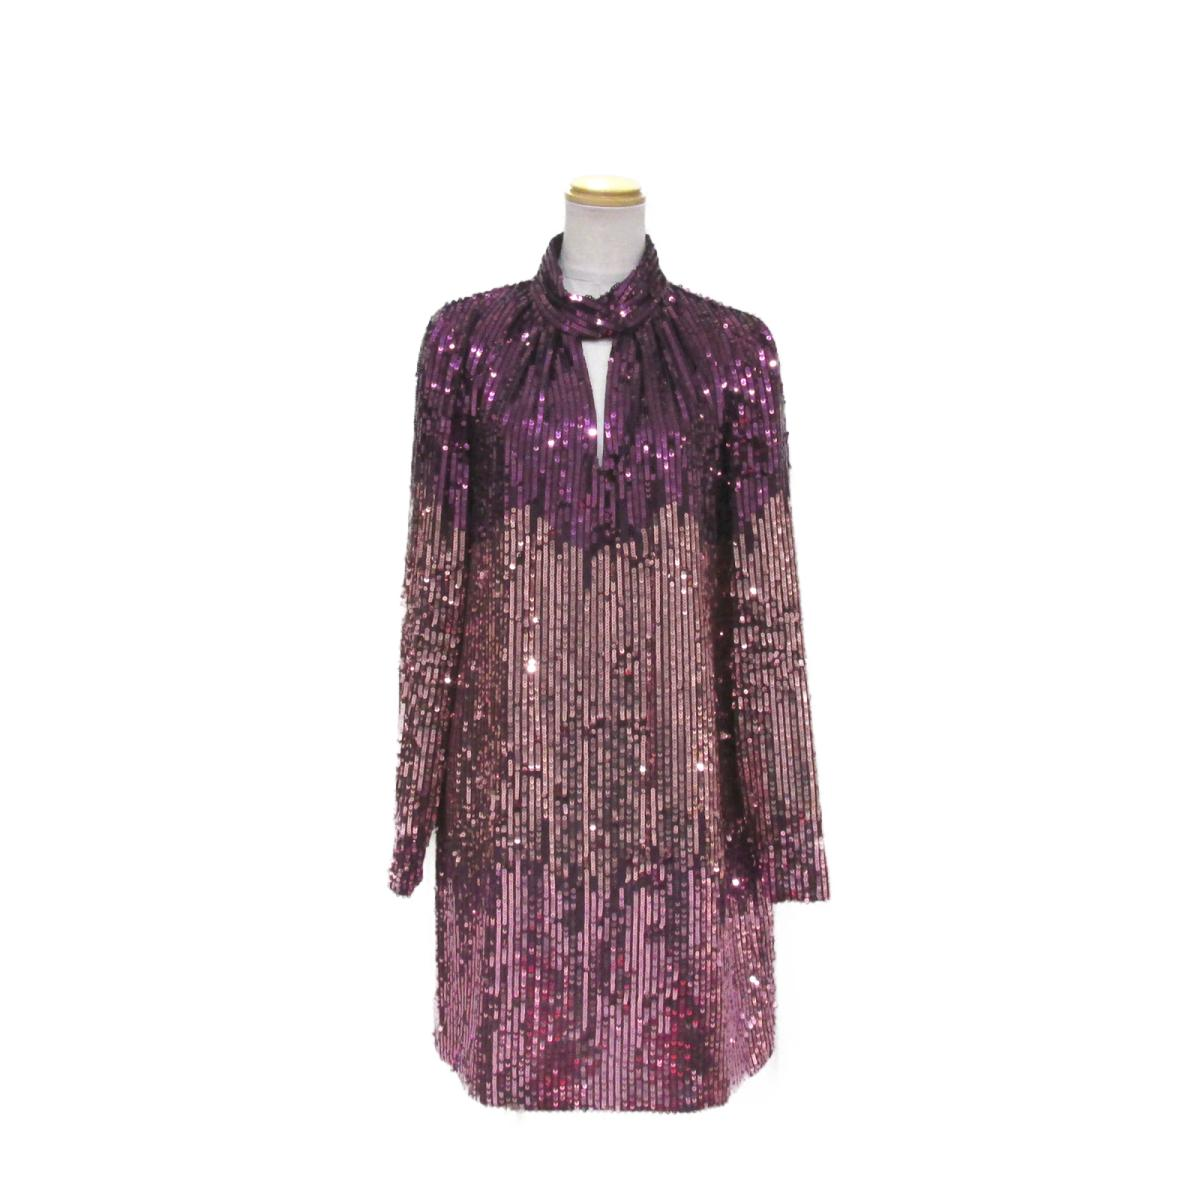 【中古】ケイトスペード ワンピース レディース ピリエステル100% パープル x ピンク   kate spade BRANDOFF ブランドオフ 衣料品 衣類 ブランド